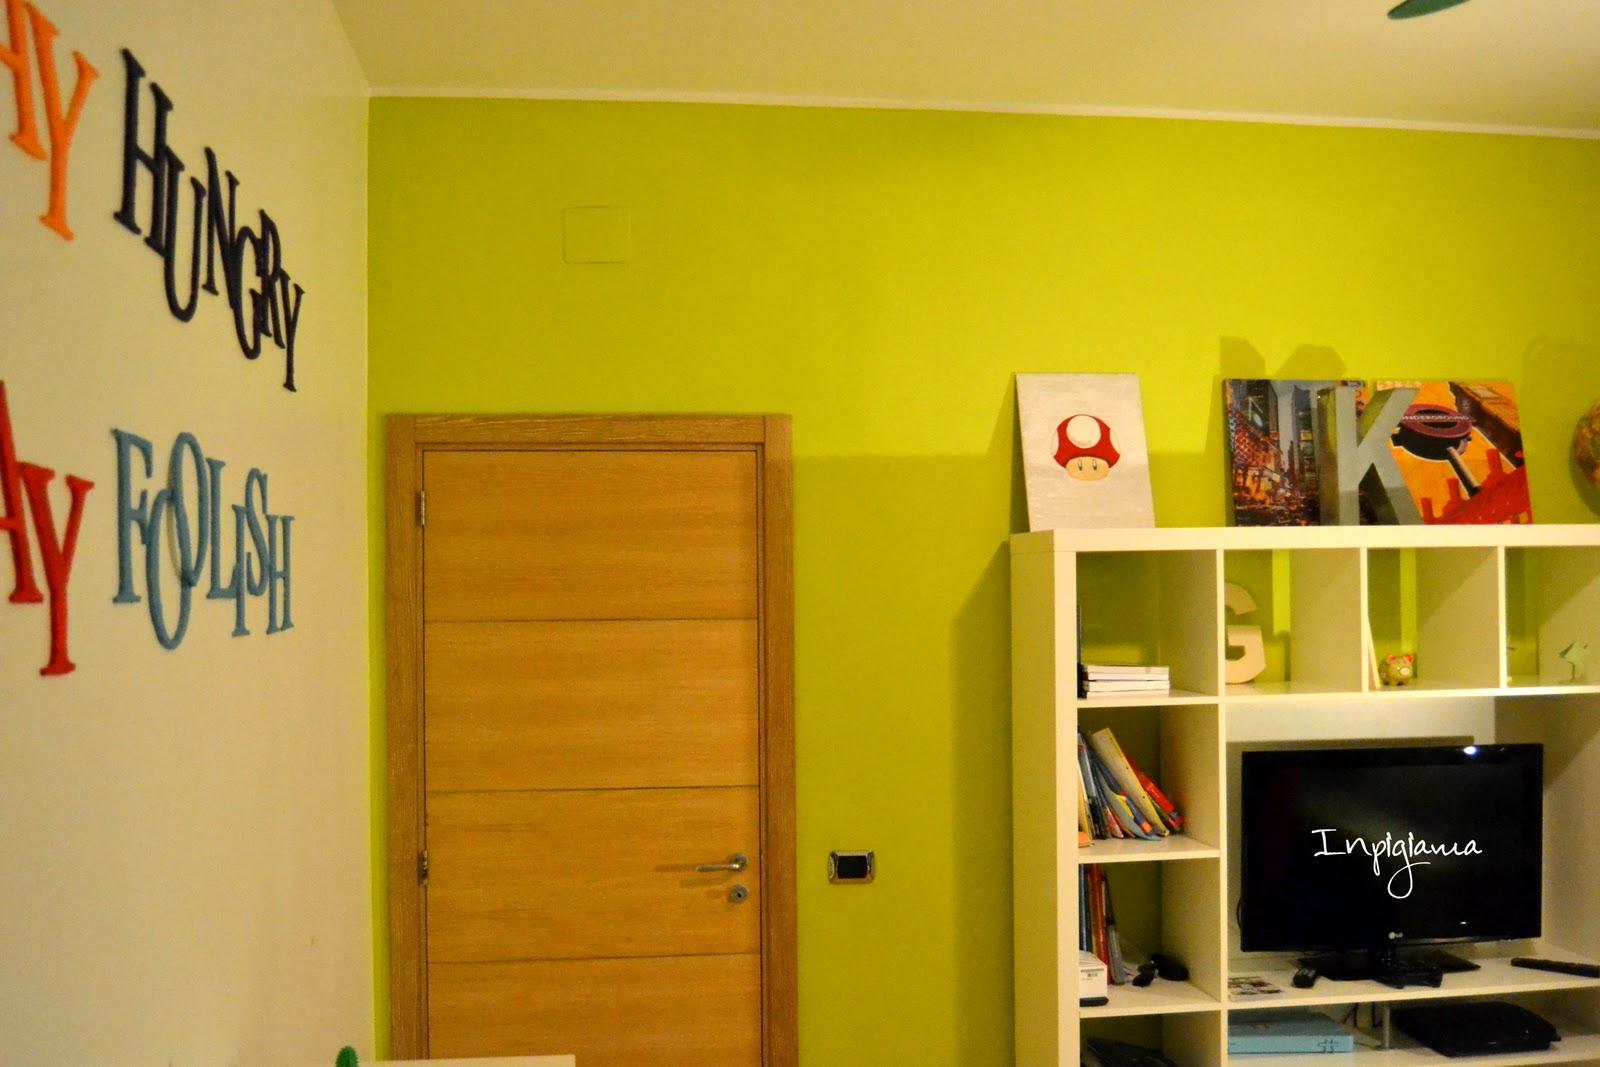 In pigiama decorare una parete con una scritta - Decorare pareti con scritte ...